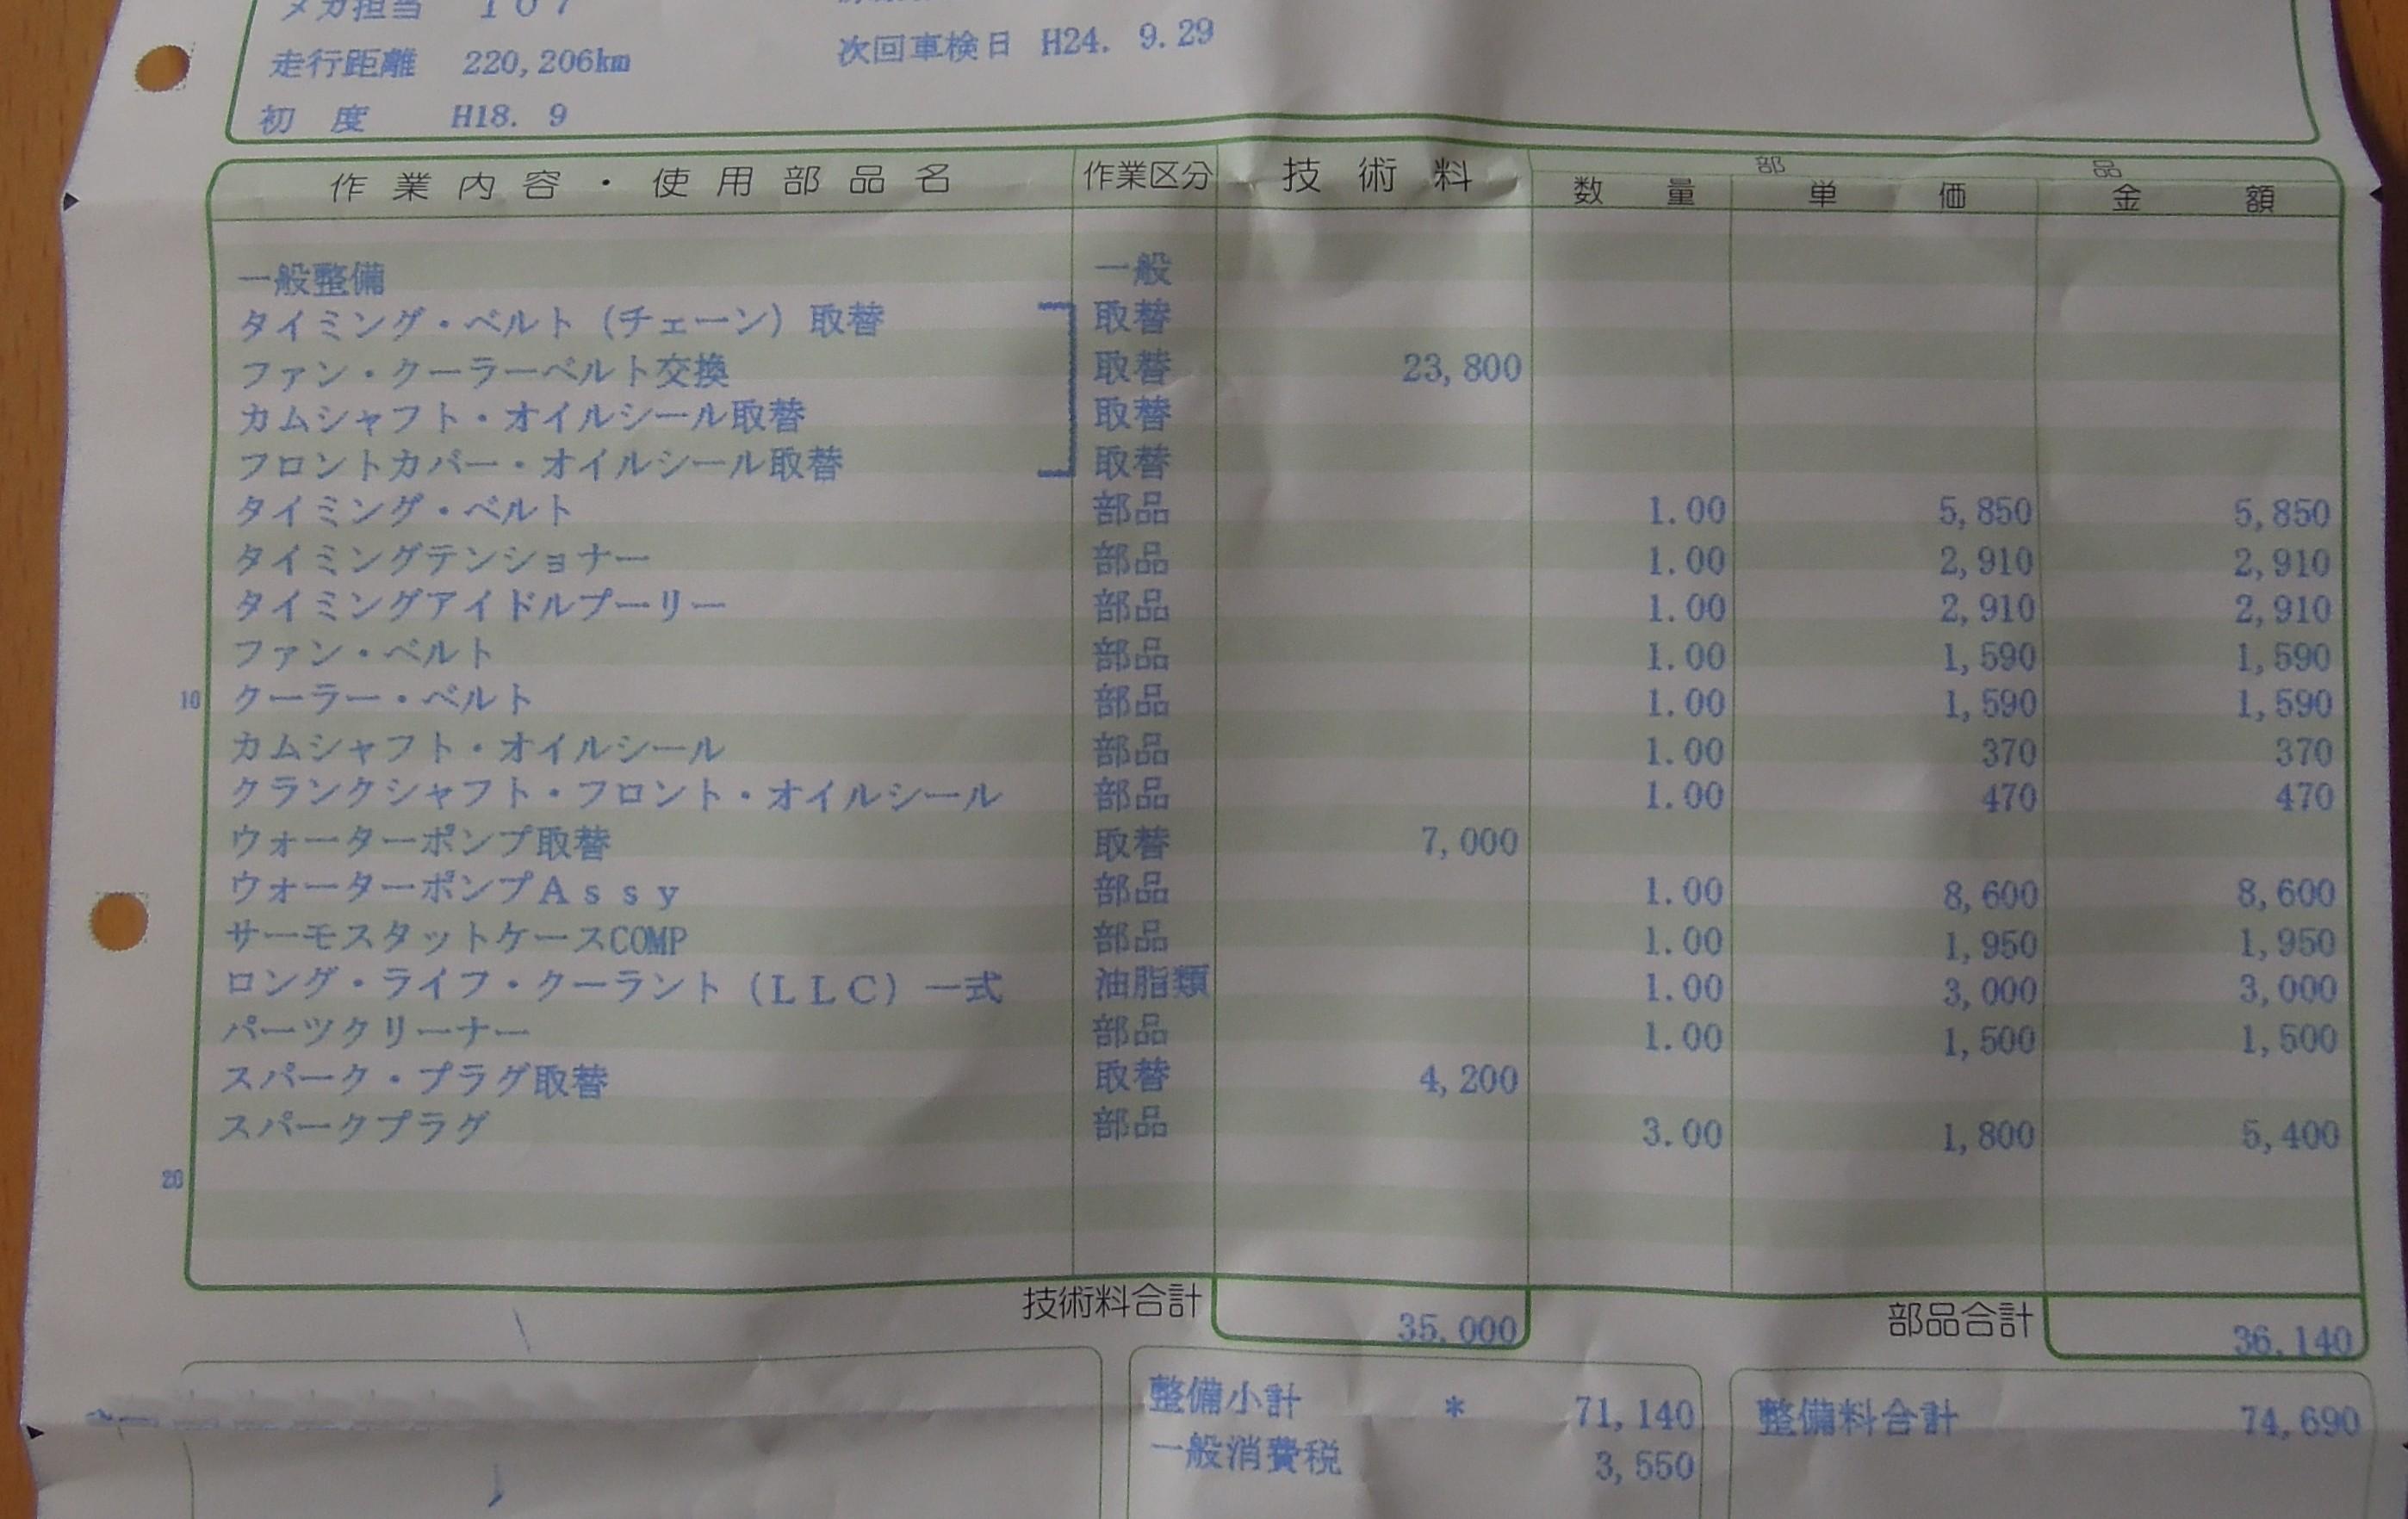 メンテナンス タイベル交換アクティHH62012-06.jpg